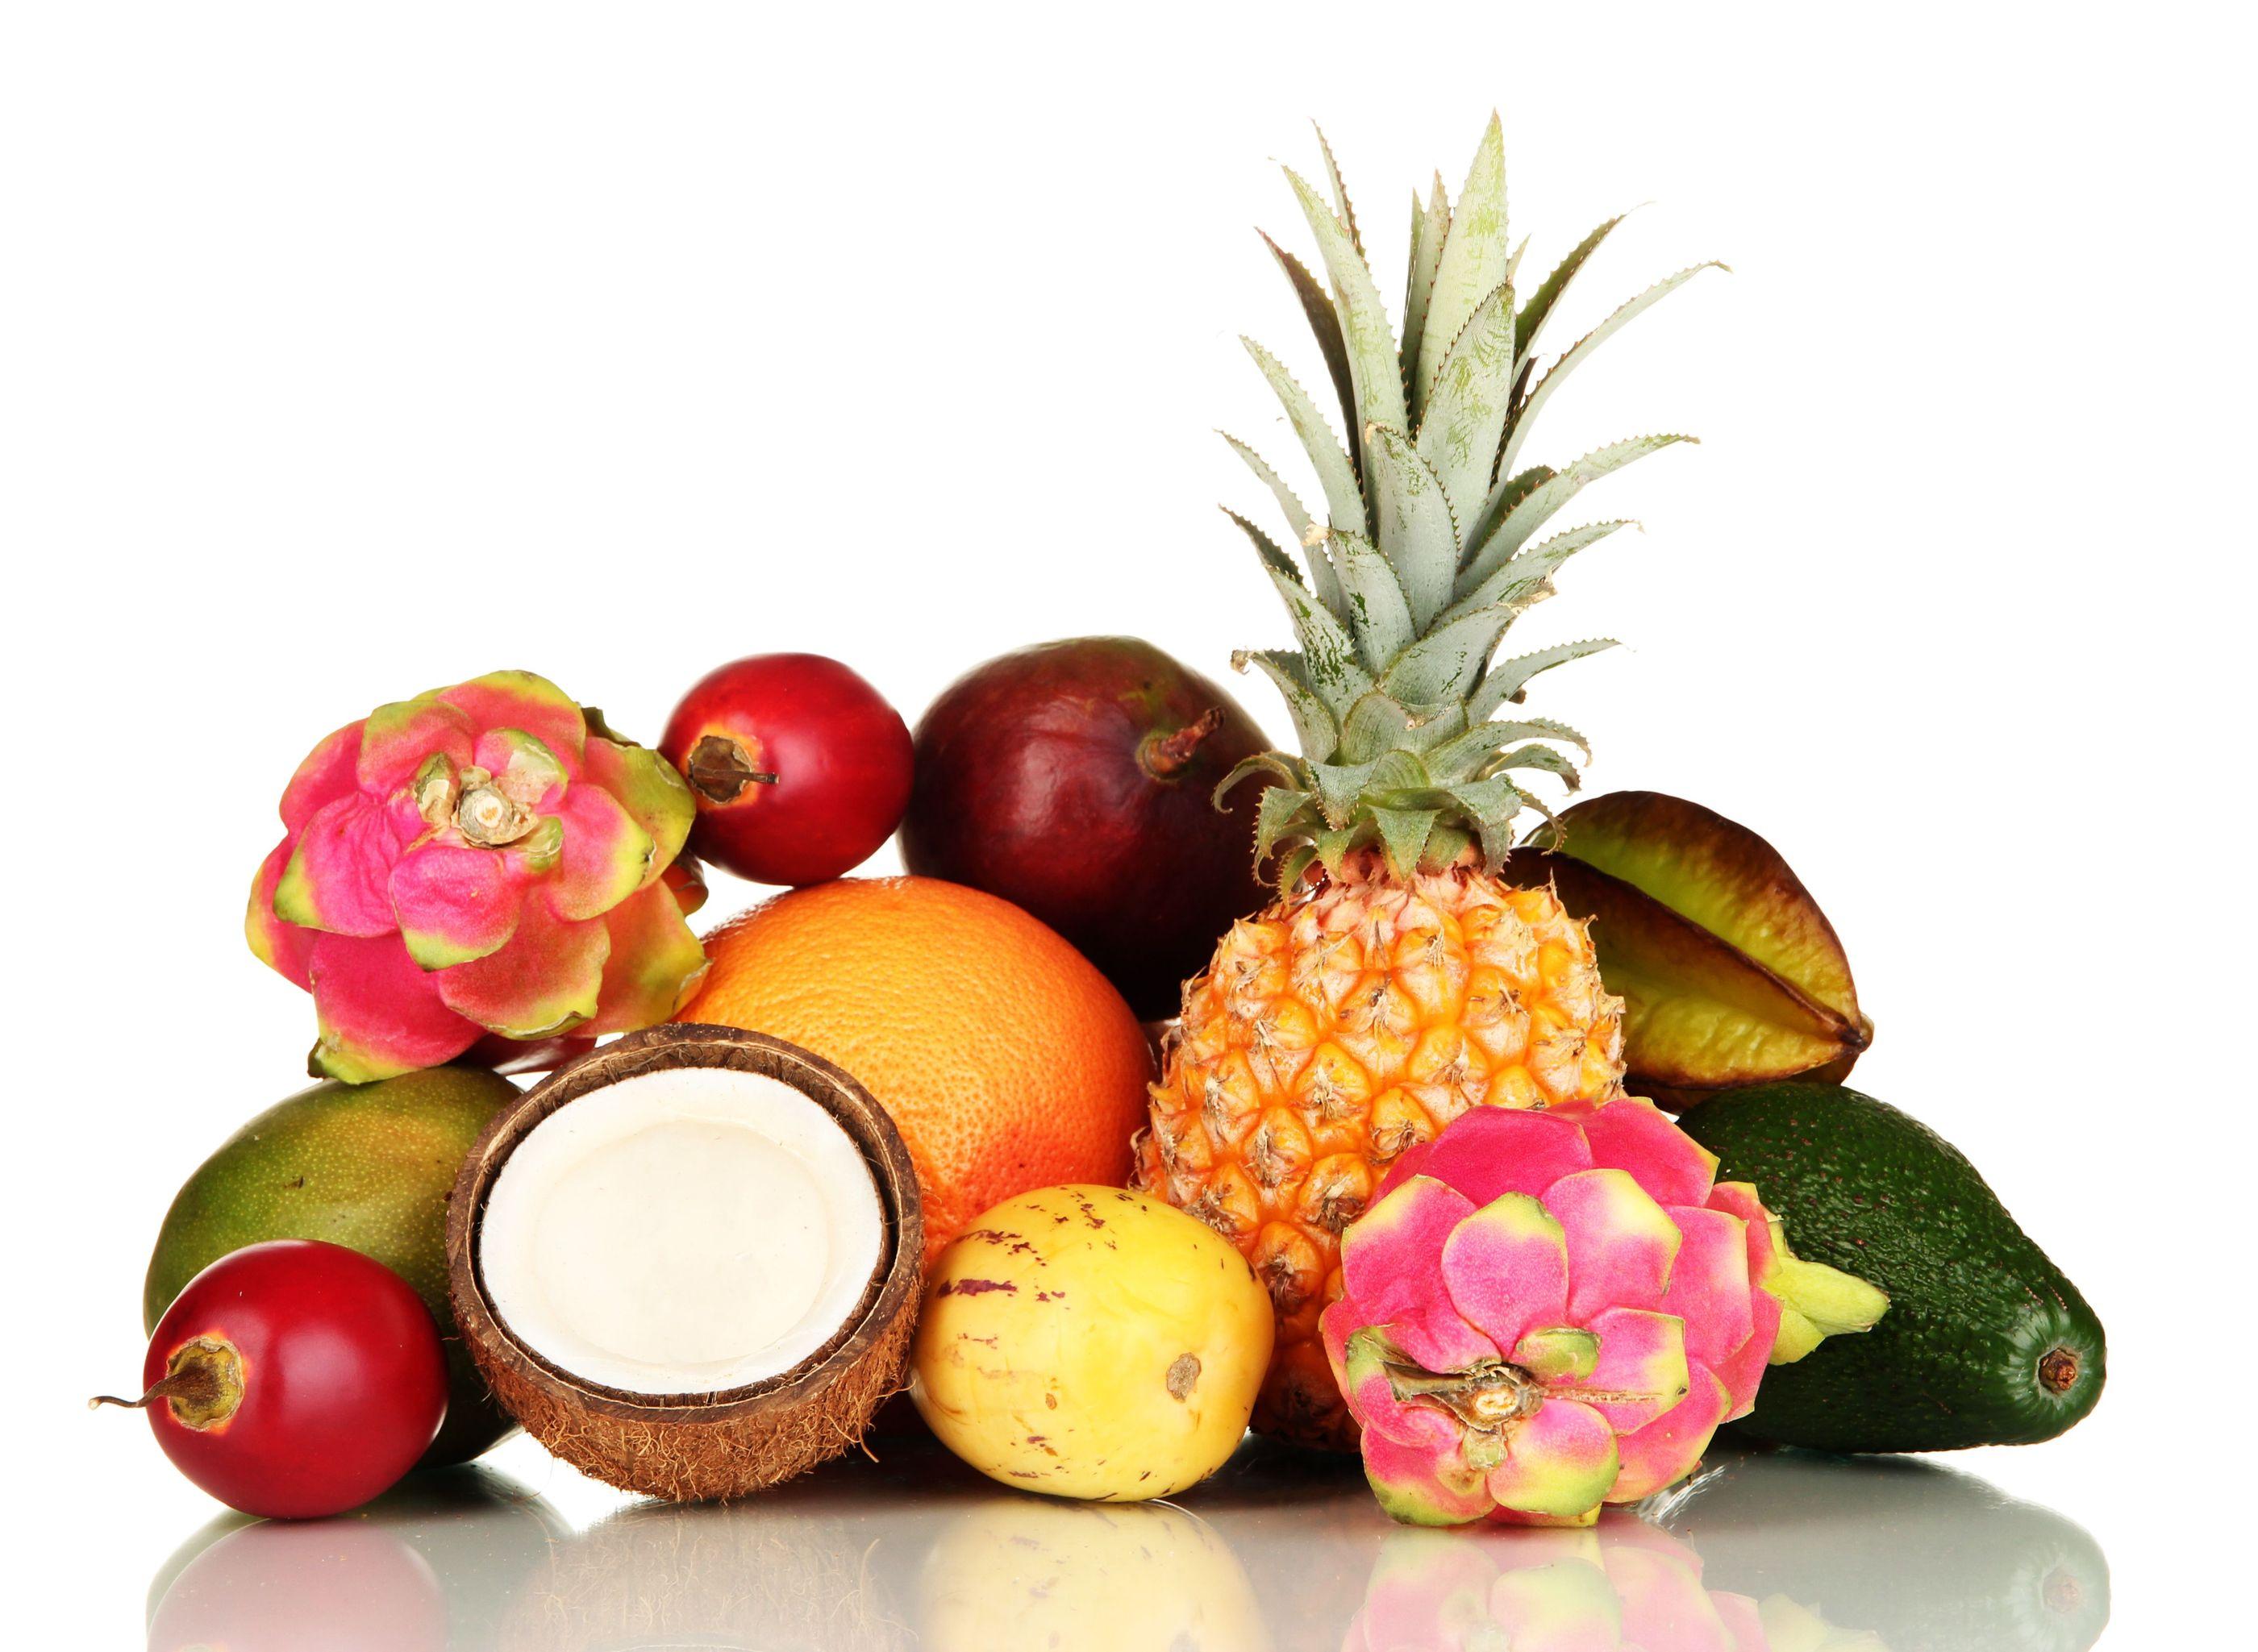 5 domande su... - La frutta che viene da lontano